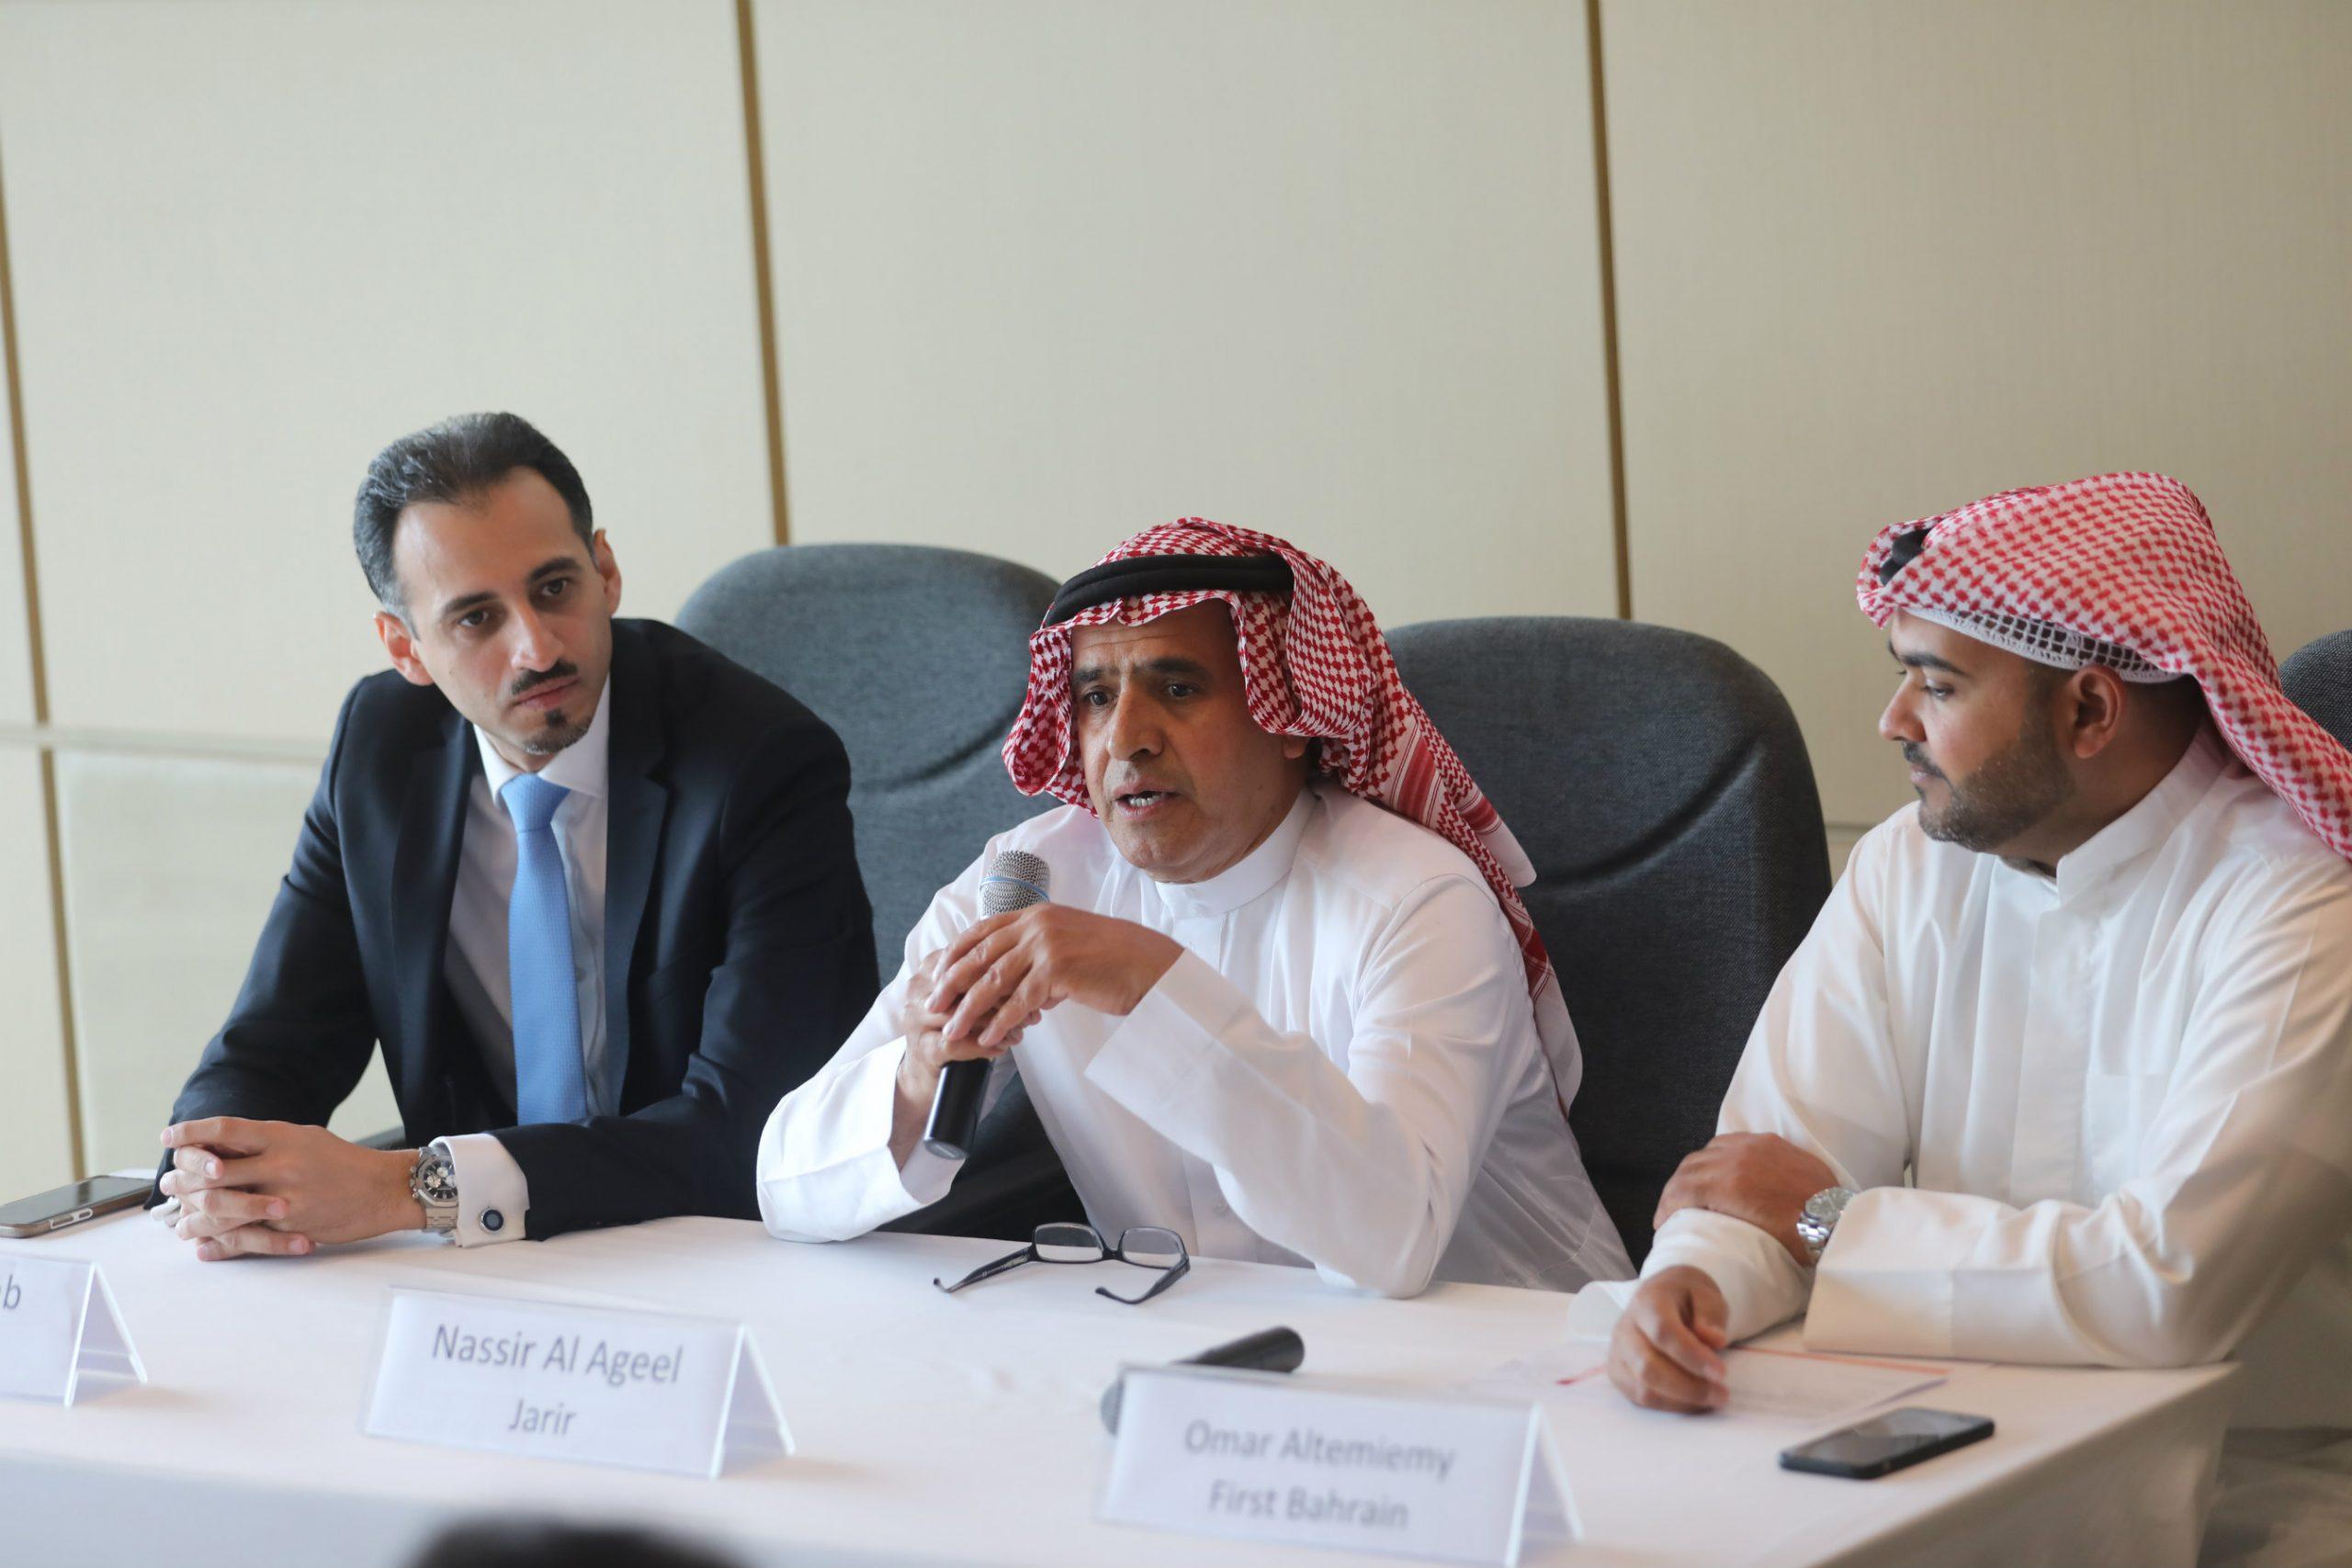 مكتبة جرير تفتح أبوابها في مملكة البحرين باستثمار يقدر ب10 مليون دولار أميركي 4 مليون دينار بحريني مجلس التنمية الاقتصادية البحرين